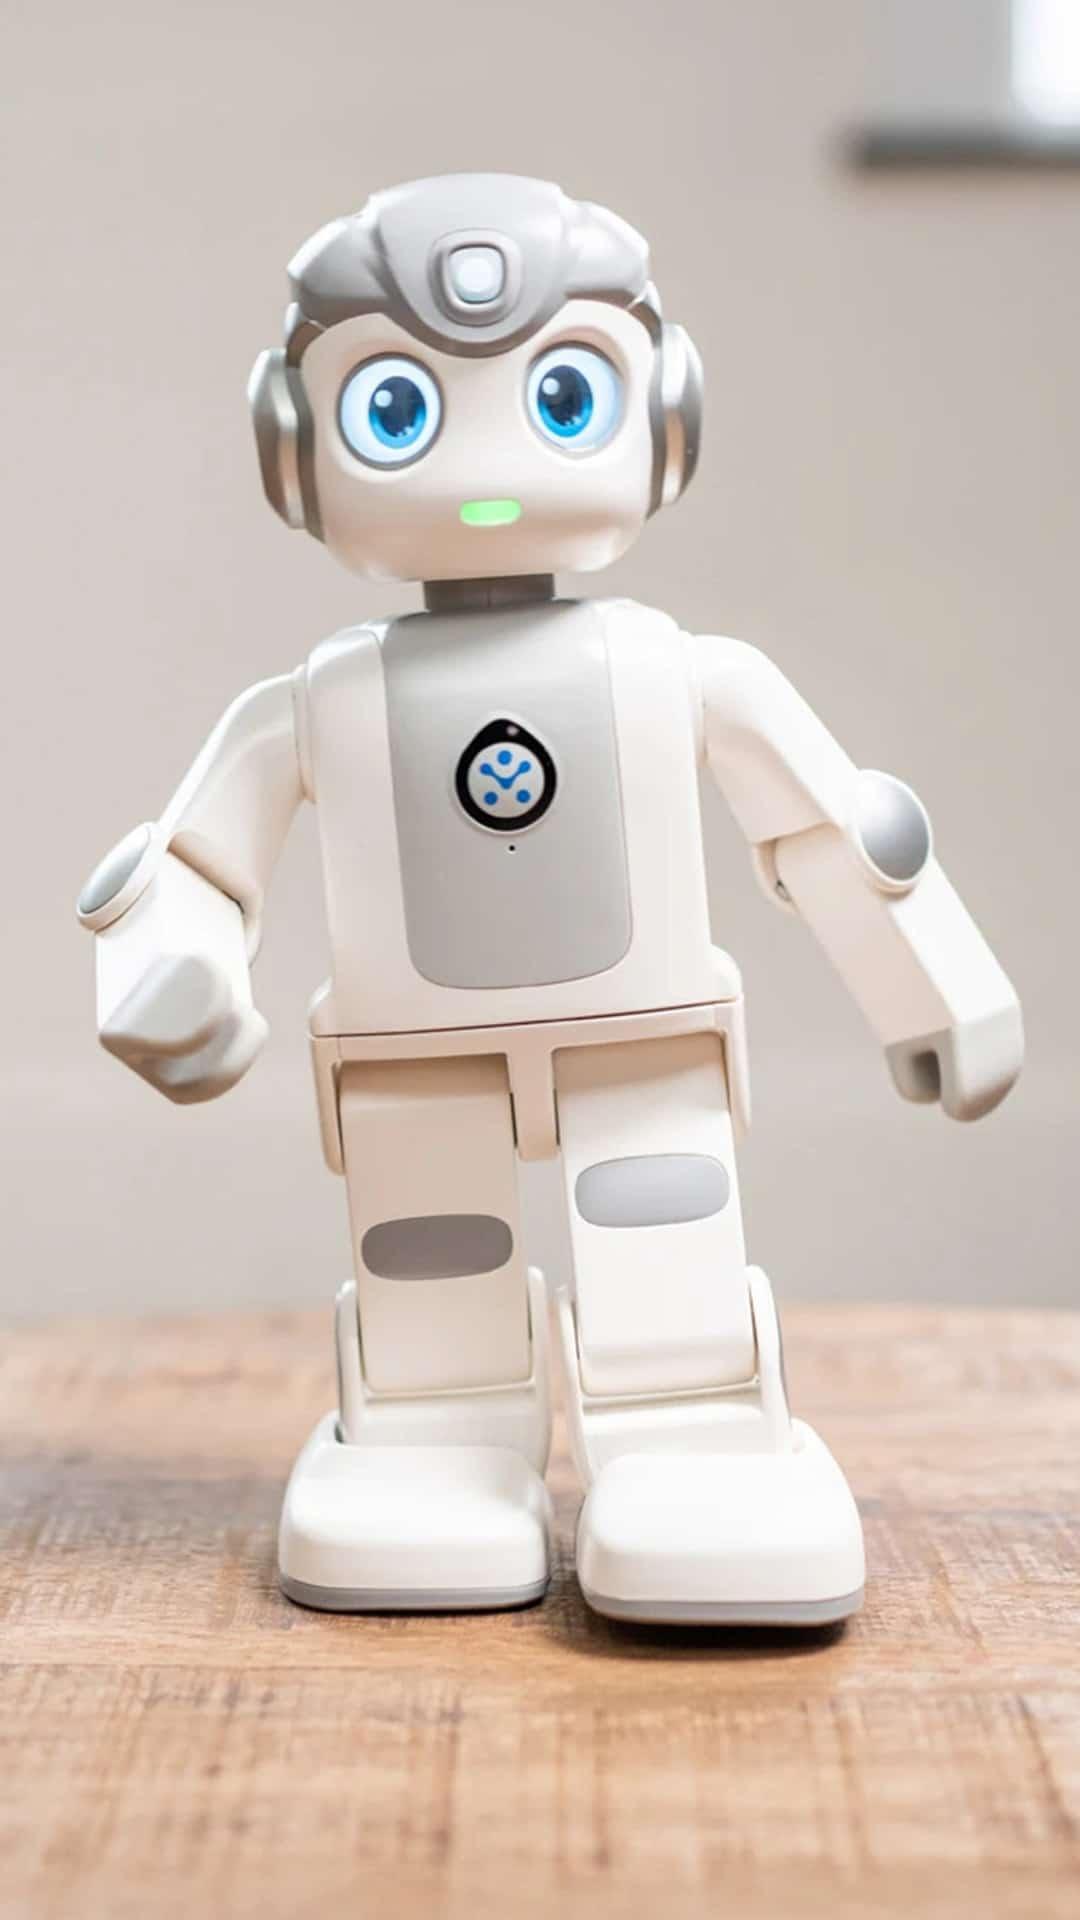 Robot Robin robotfriends